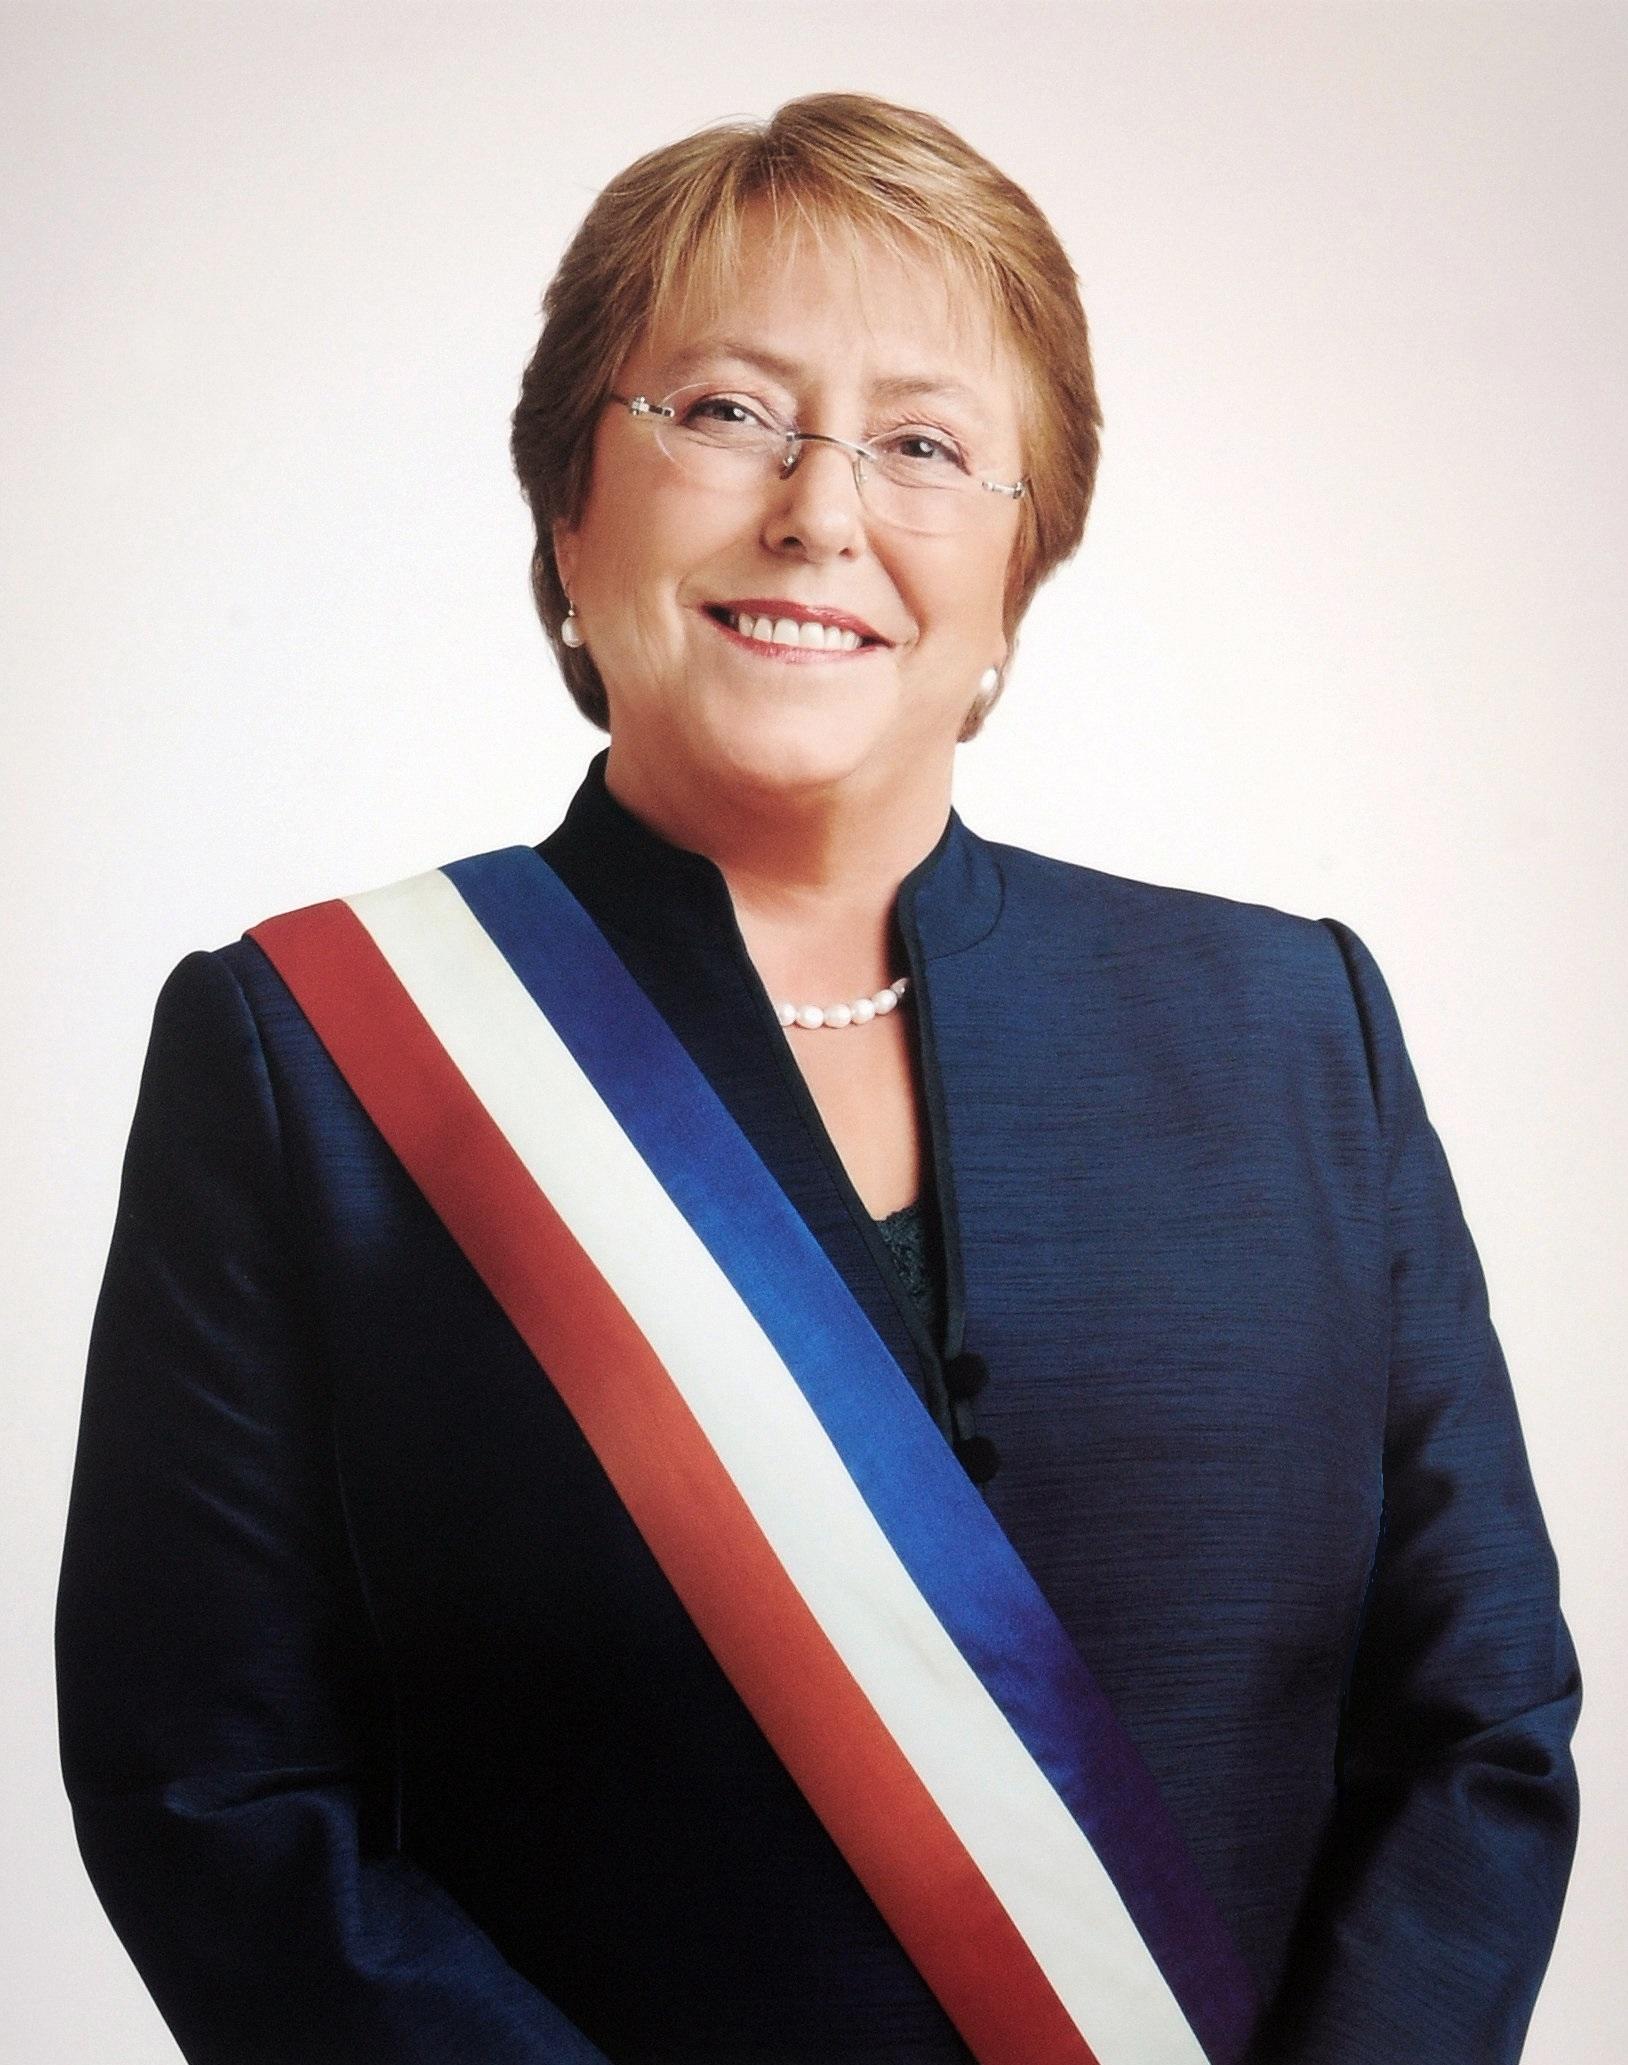 Veja o que saiu no Migalhas sobre Michelle Bachelet